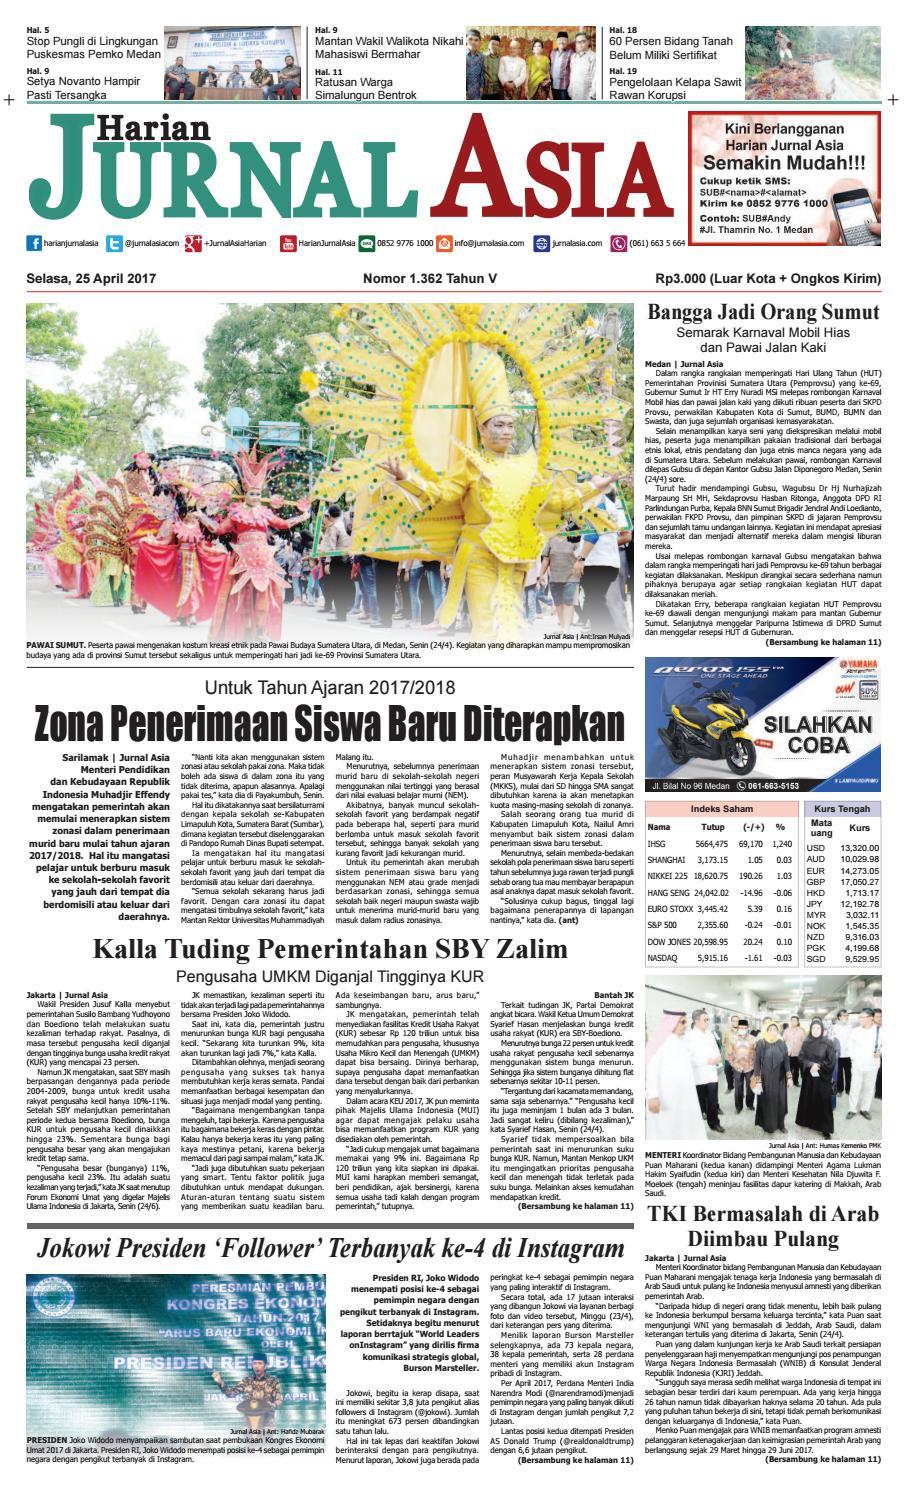 Harian Jurnal Asia Edisi Selasa 25 April 2017 By Produk Ukm Bumn Box Hantaran Pengantin Bio Art Medan Issuu